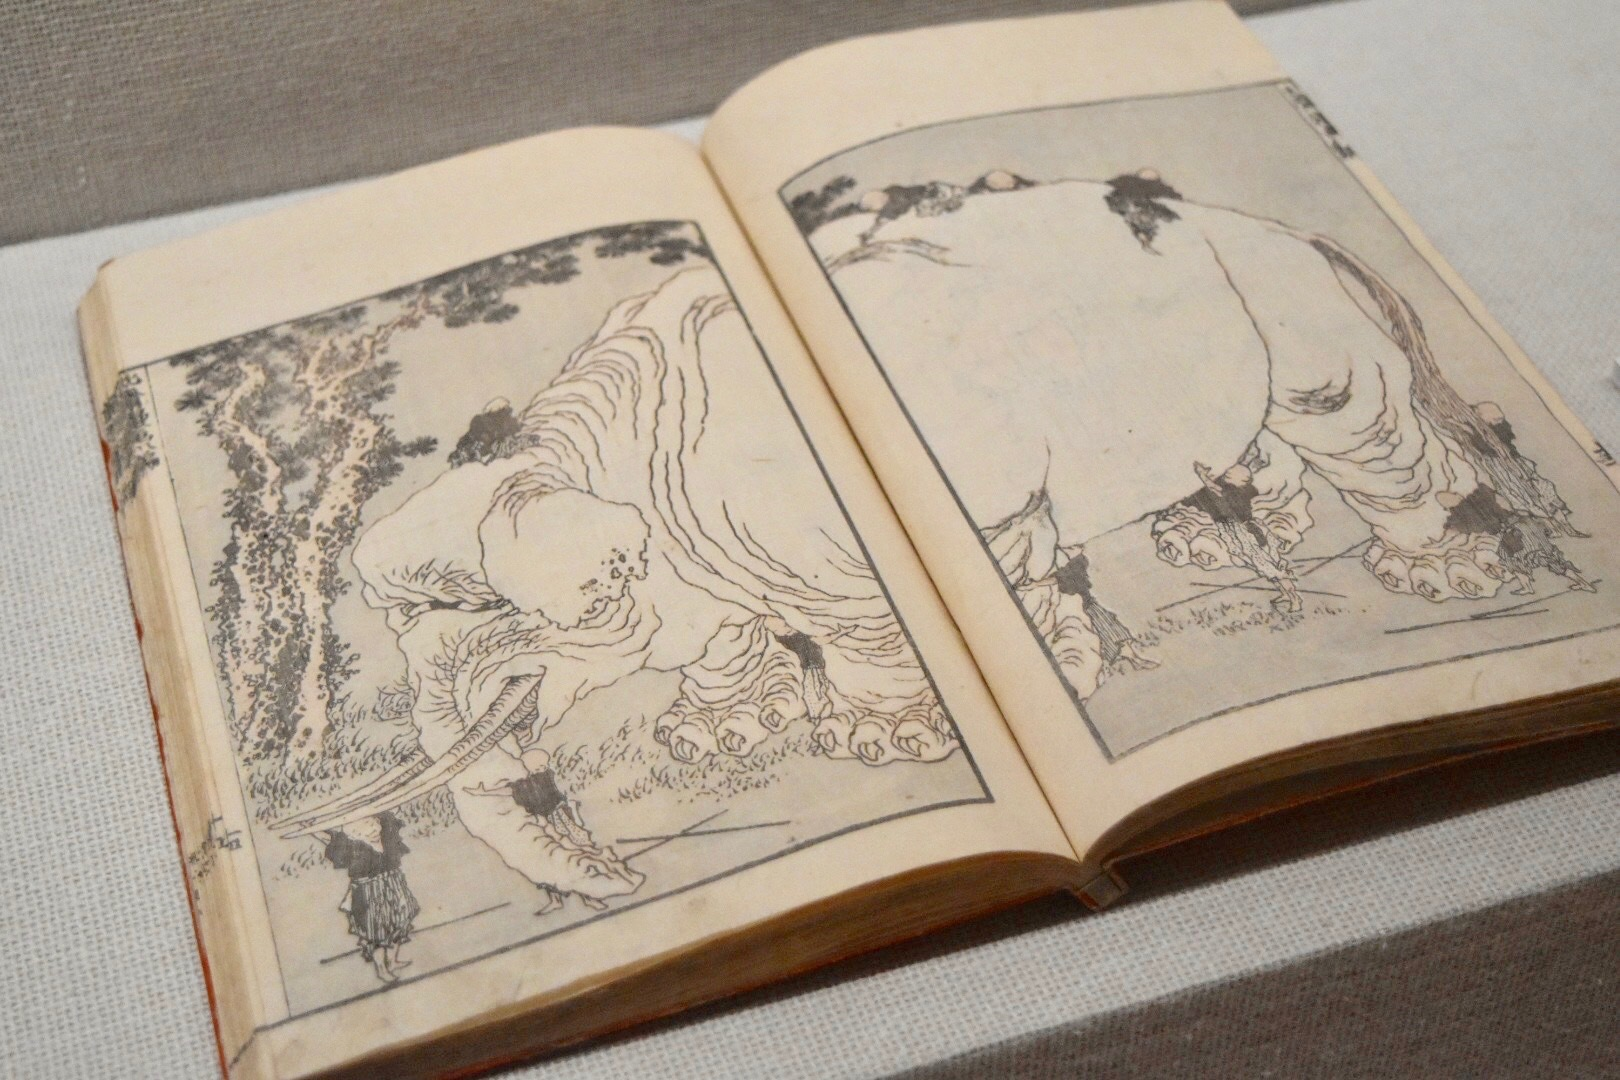 葛飾北斎 『北斎漫画』八編 文政元年(1818)すみだ北斎美術館所蔵